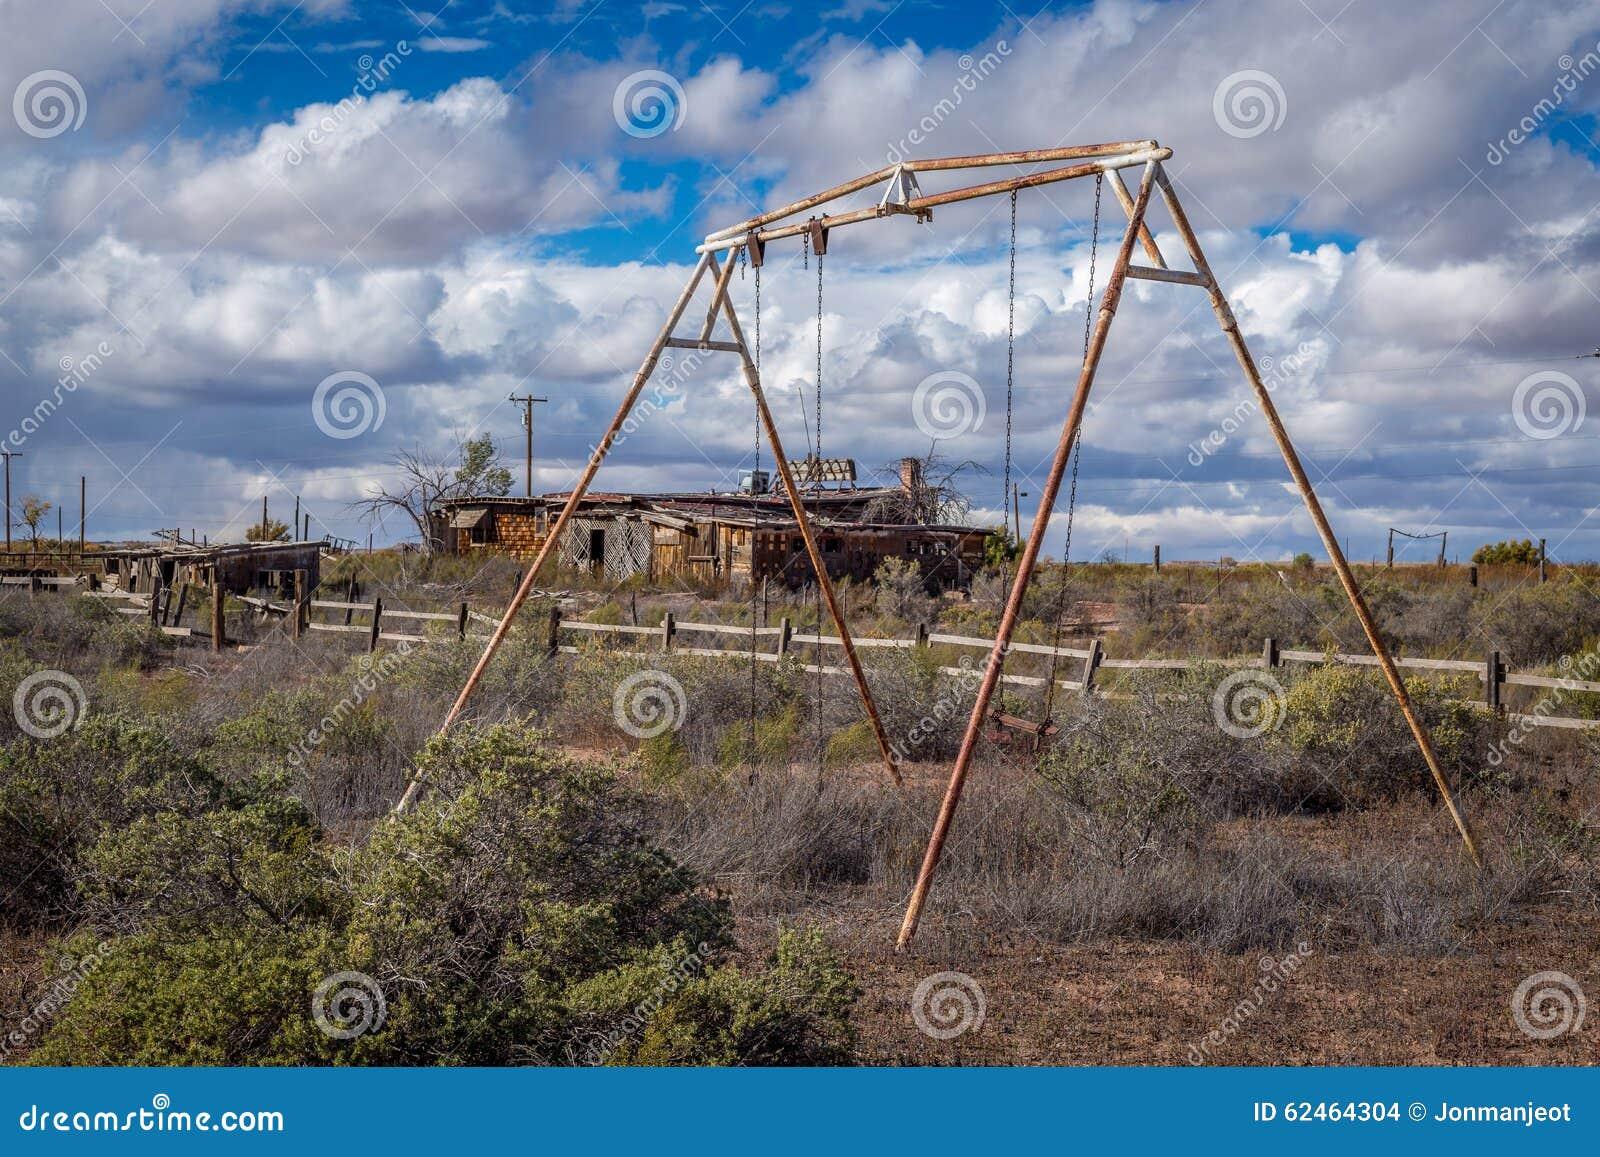 Abandoned Places Stock Photo Image 62464304